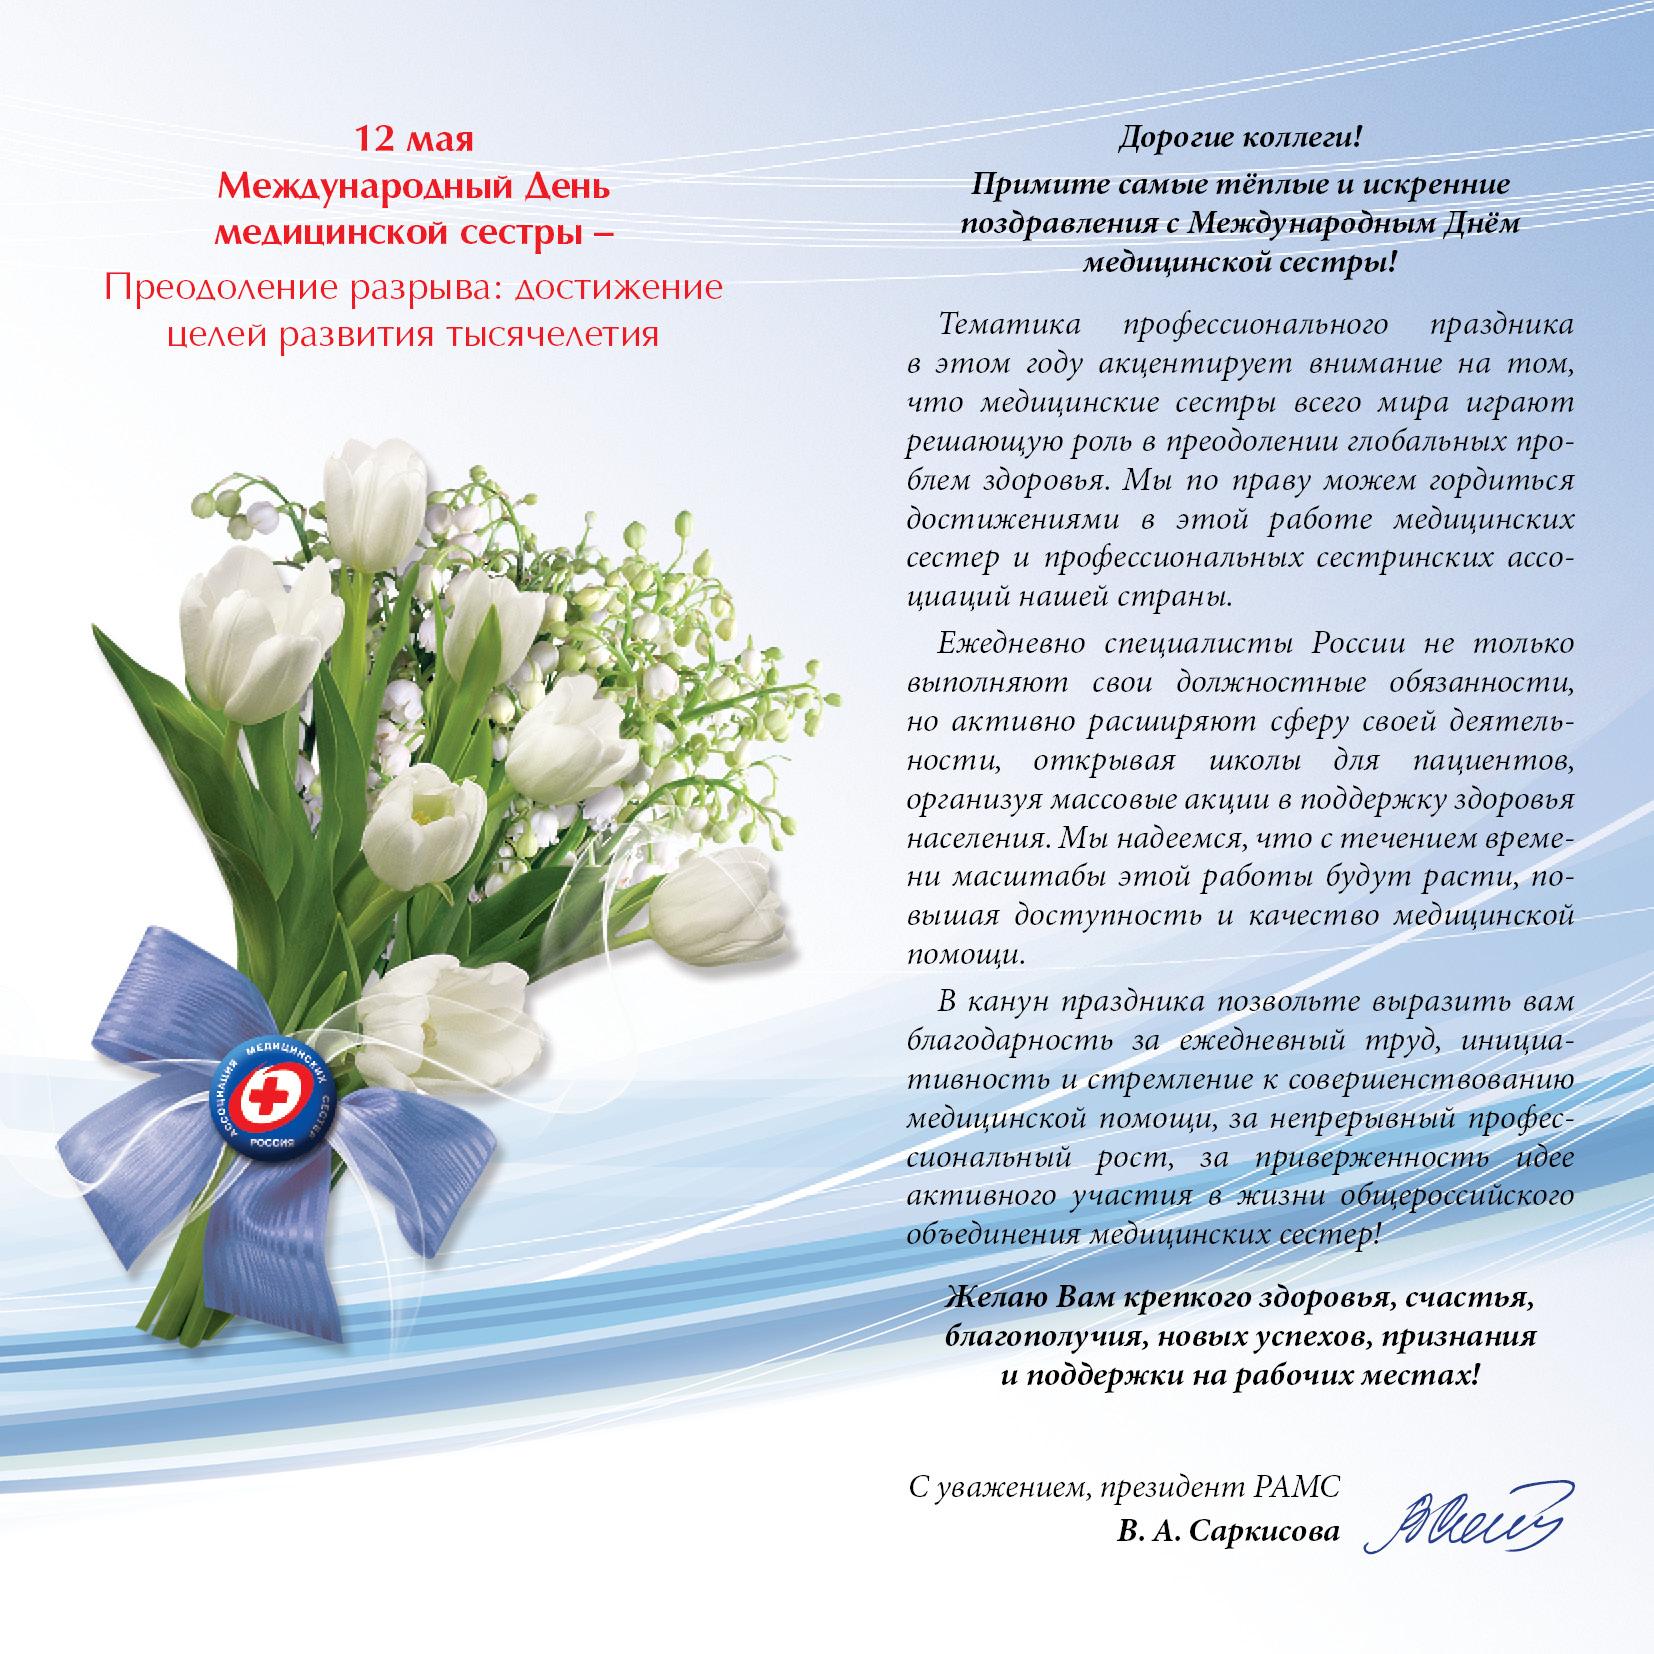 Международный день медицинской сестры 2013